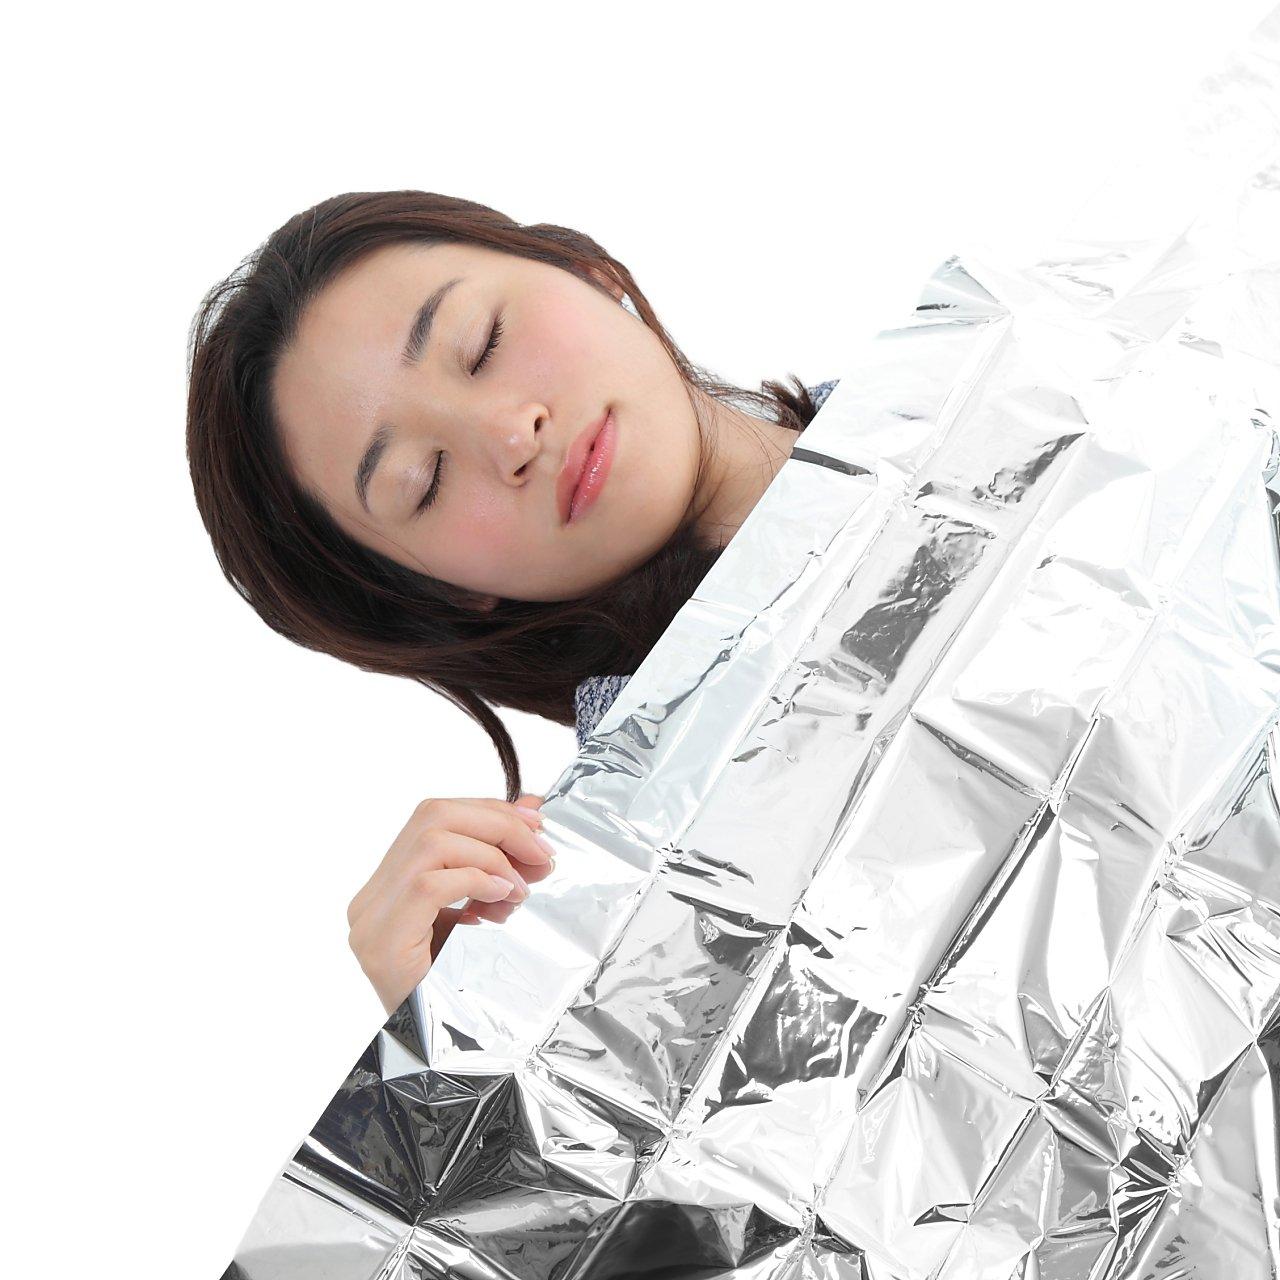 シートタイプ:体を包んだり、ブランケットとして使える